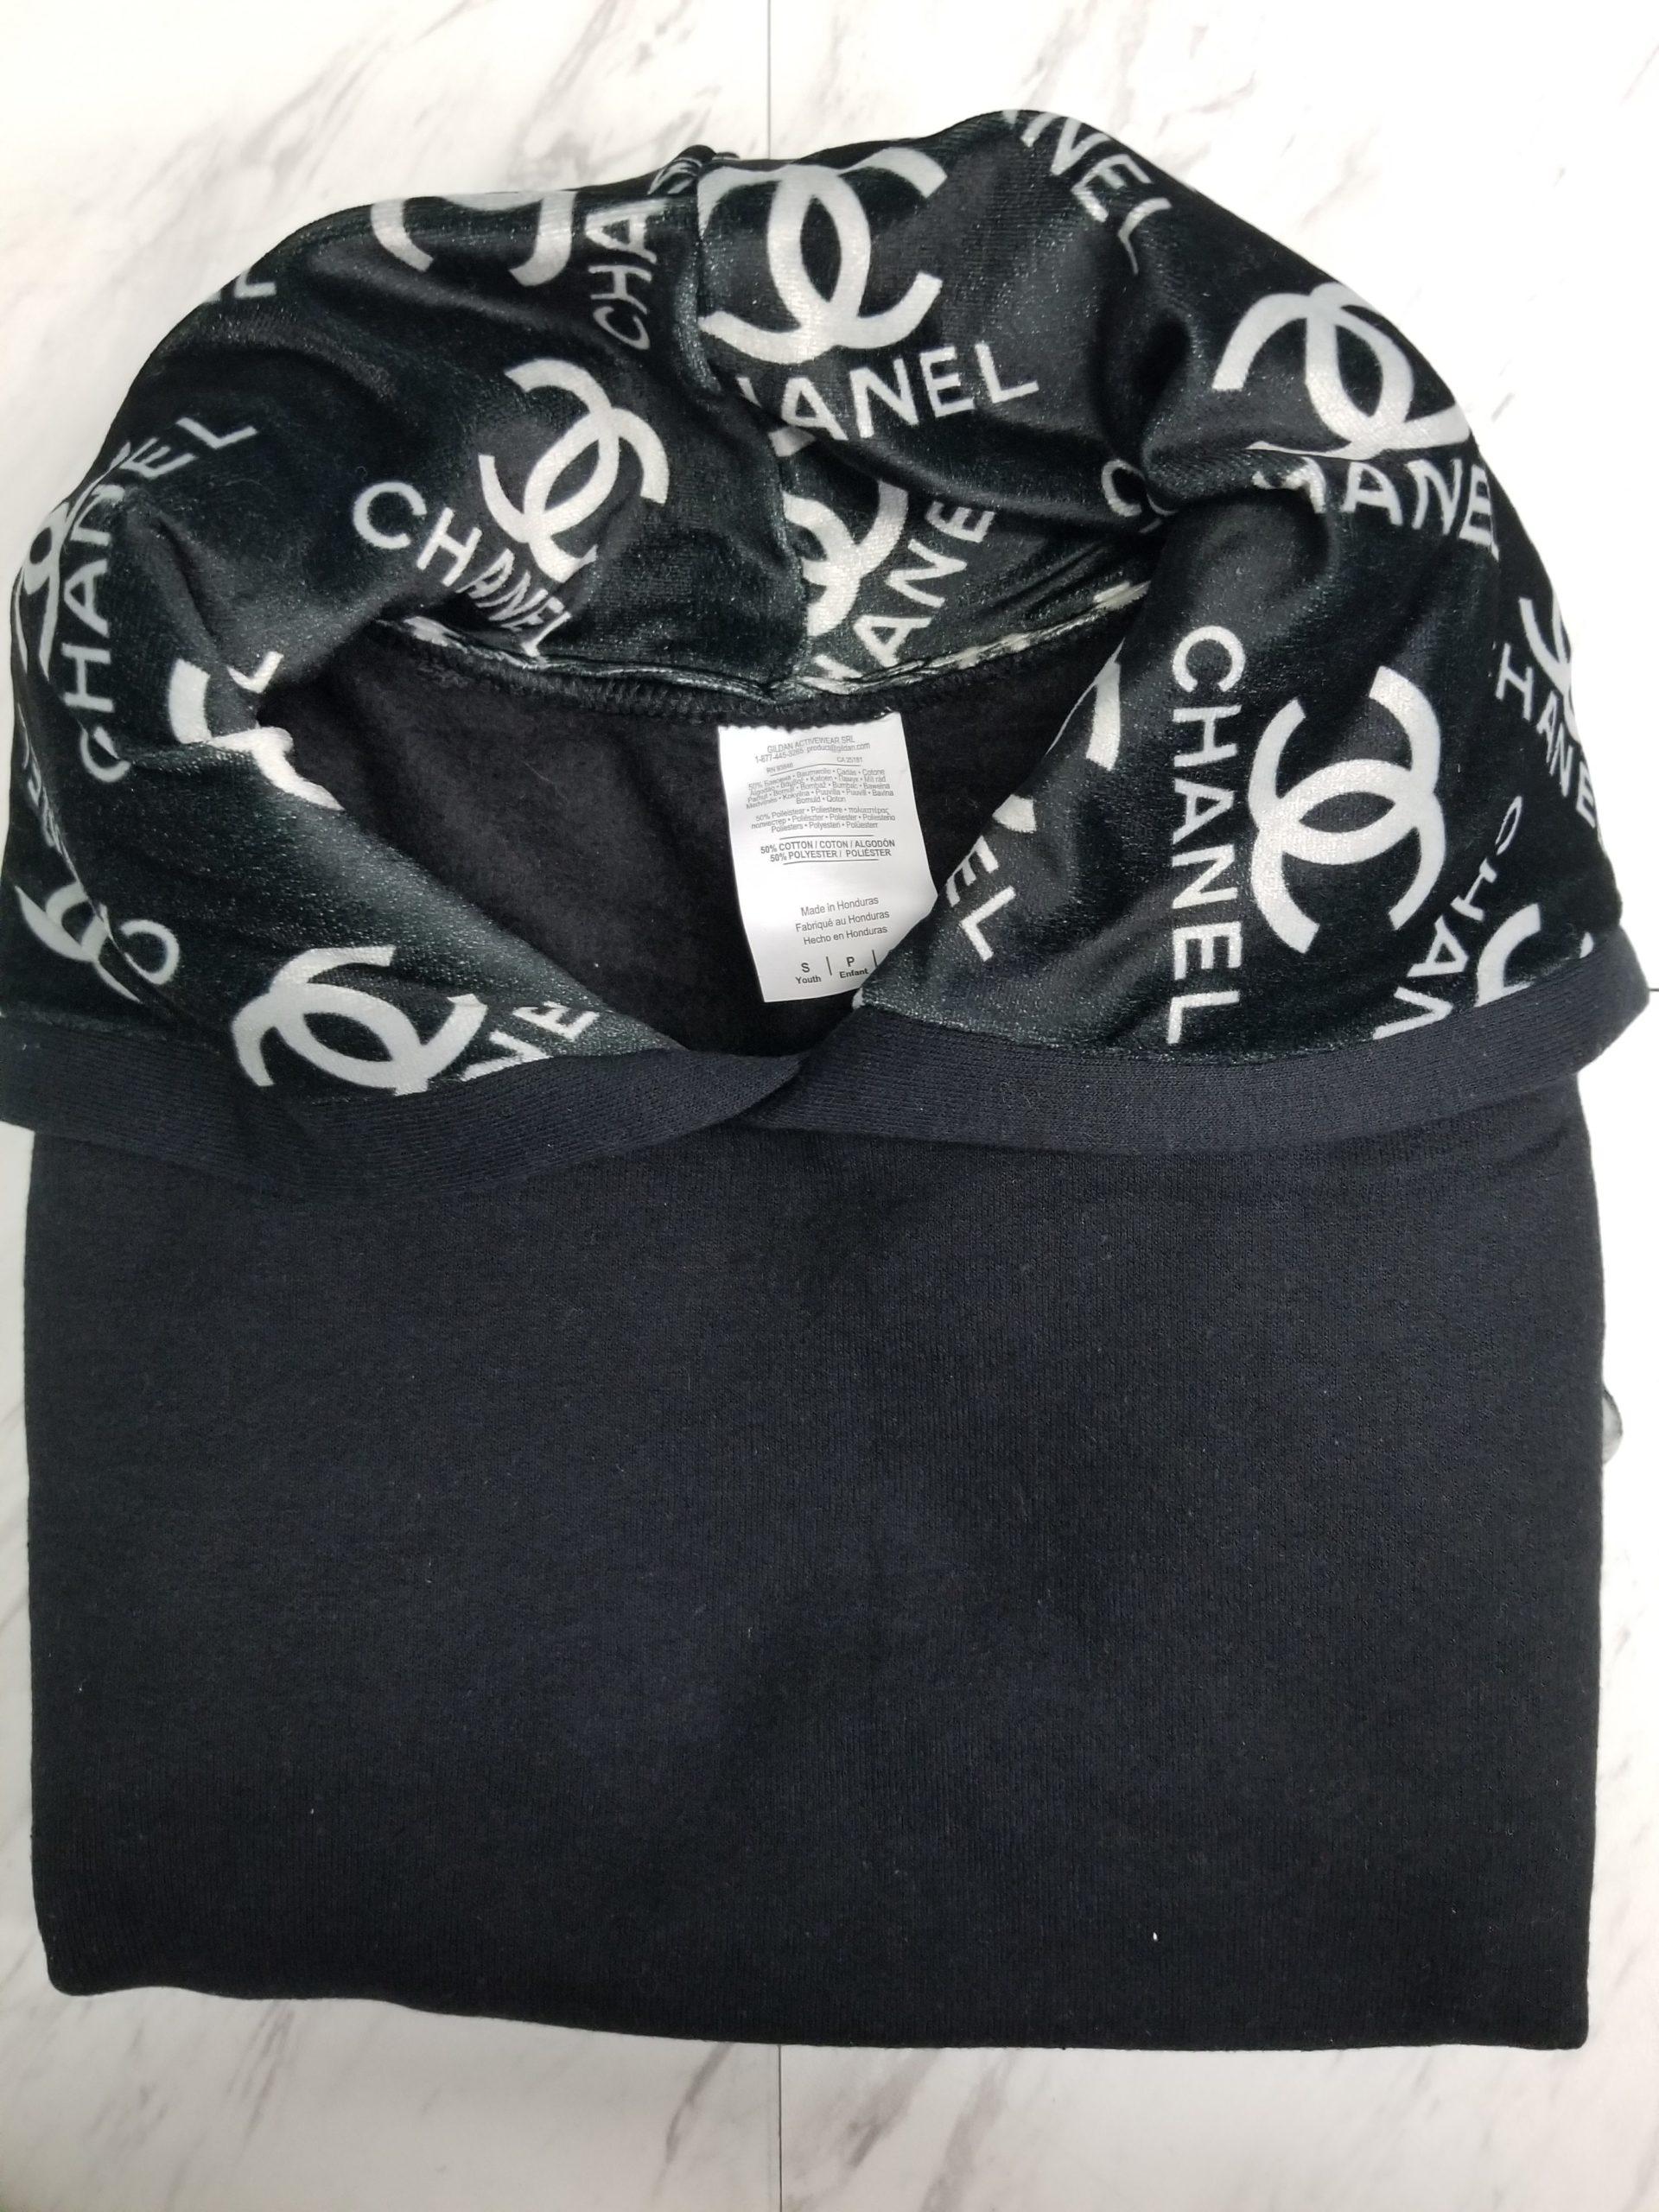 Hoodie Pull Over Black on Black CC